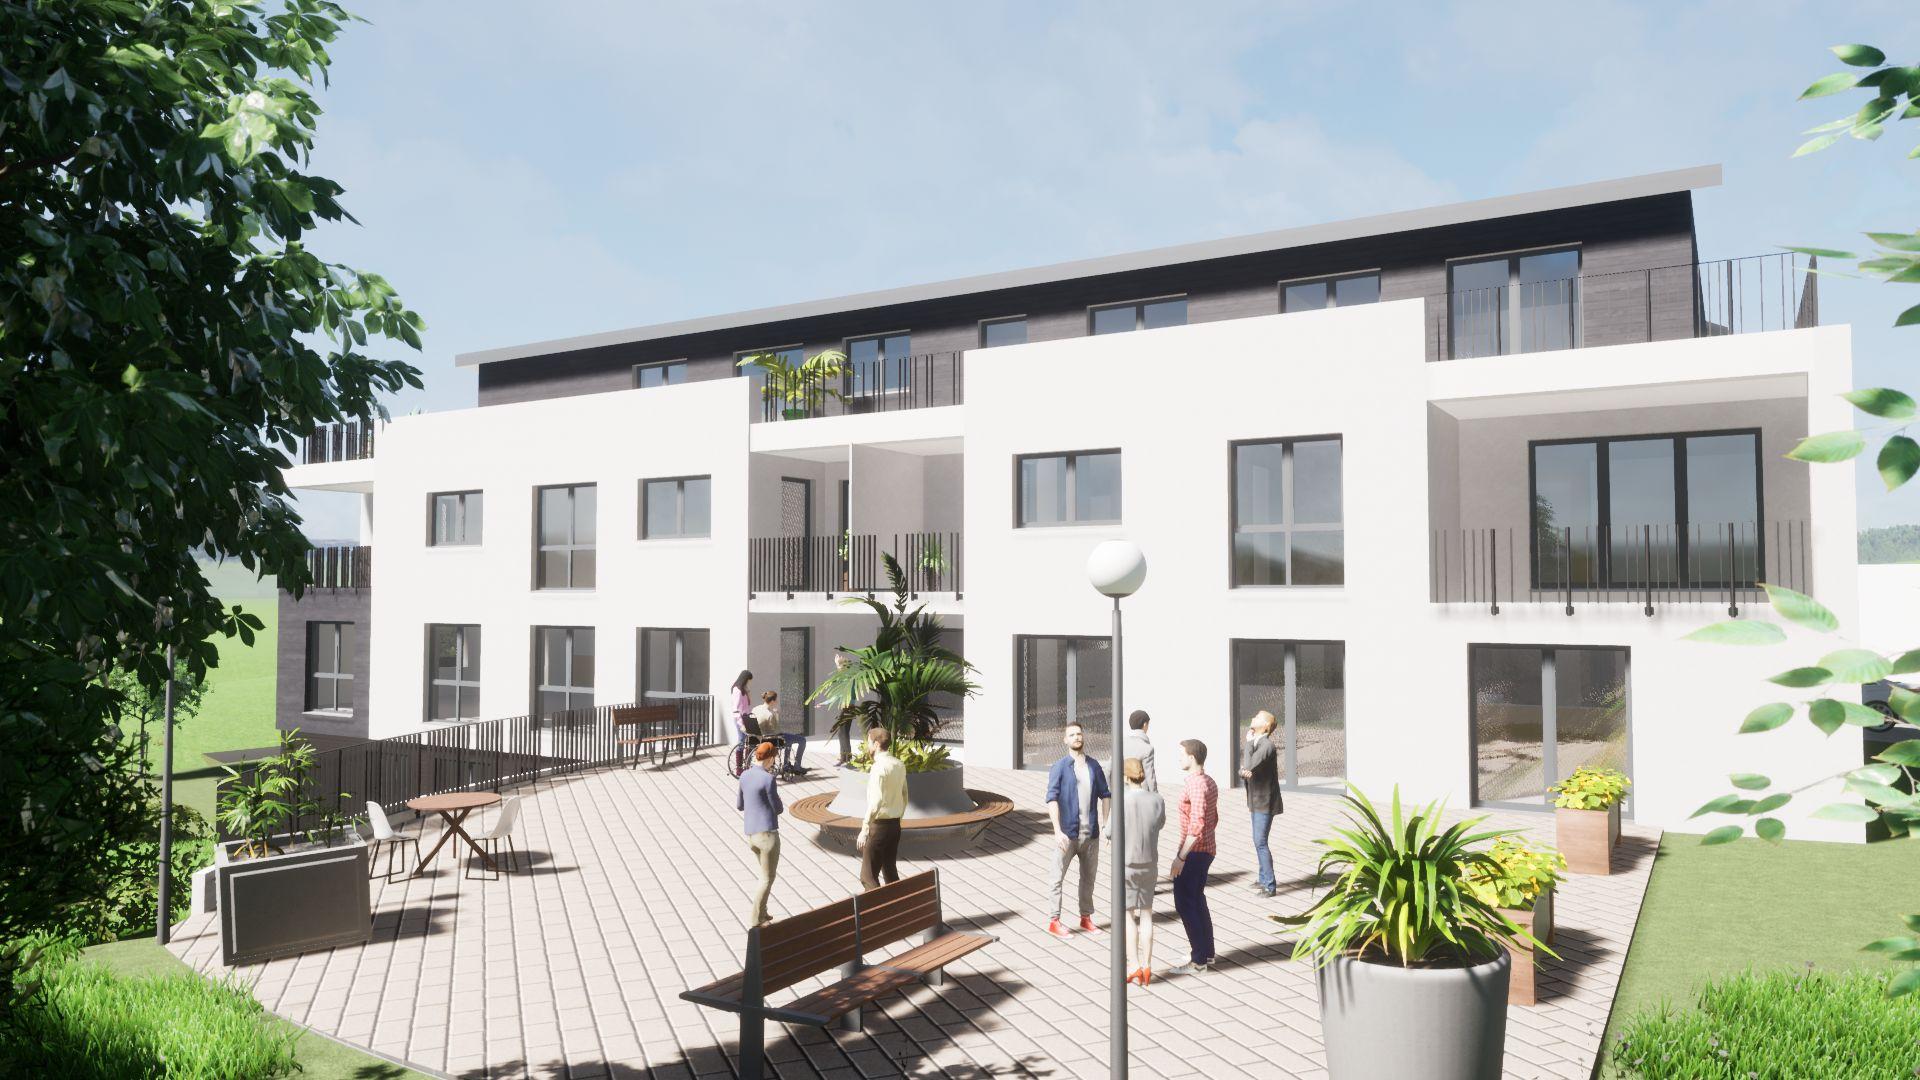 Geschäftshaus mit 8 Wohneinheiten Reihnhausen Neubau